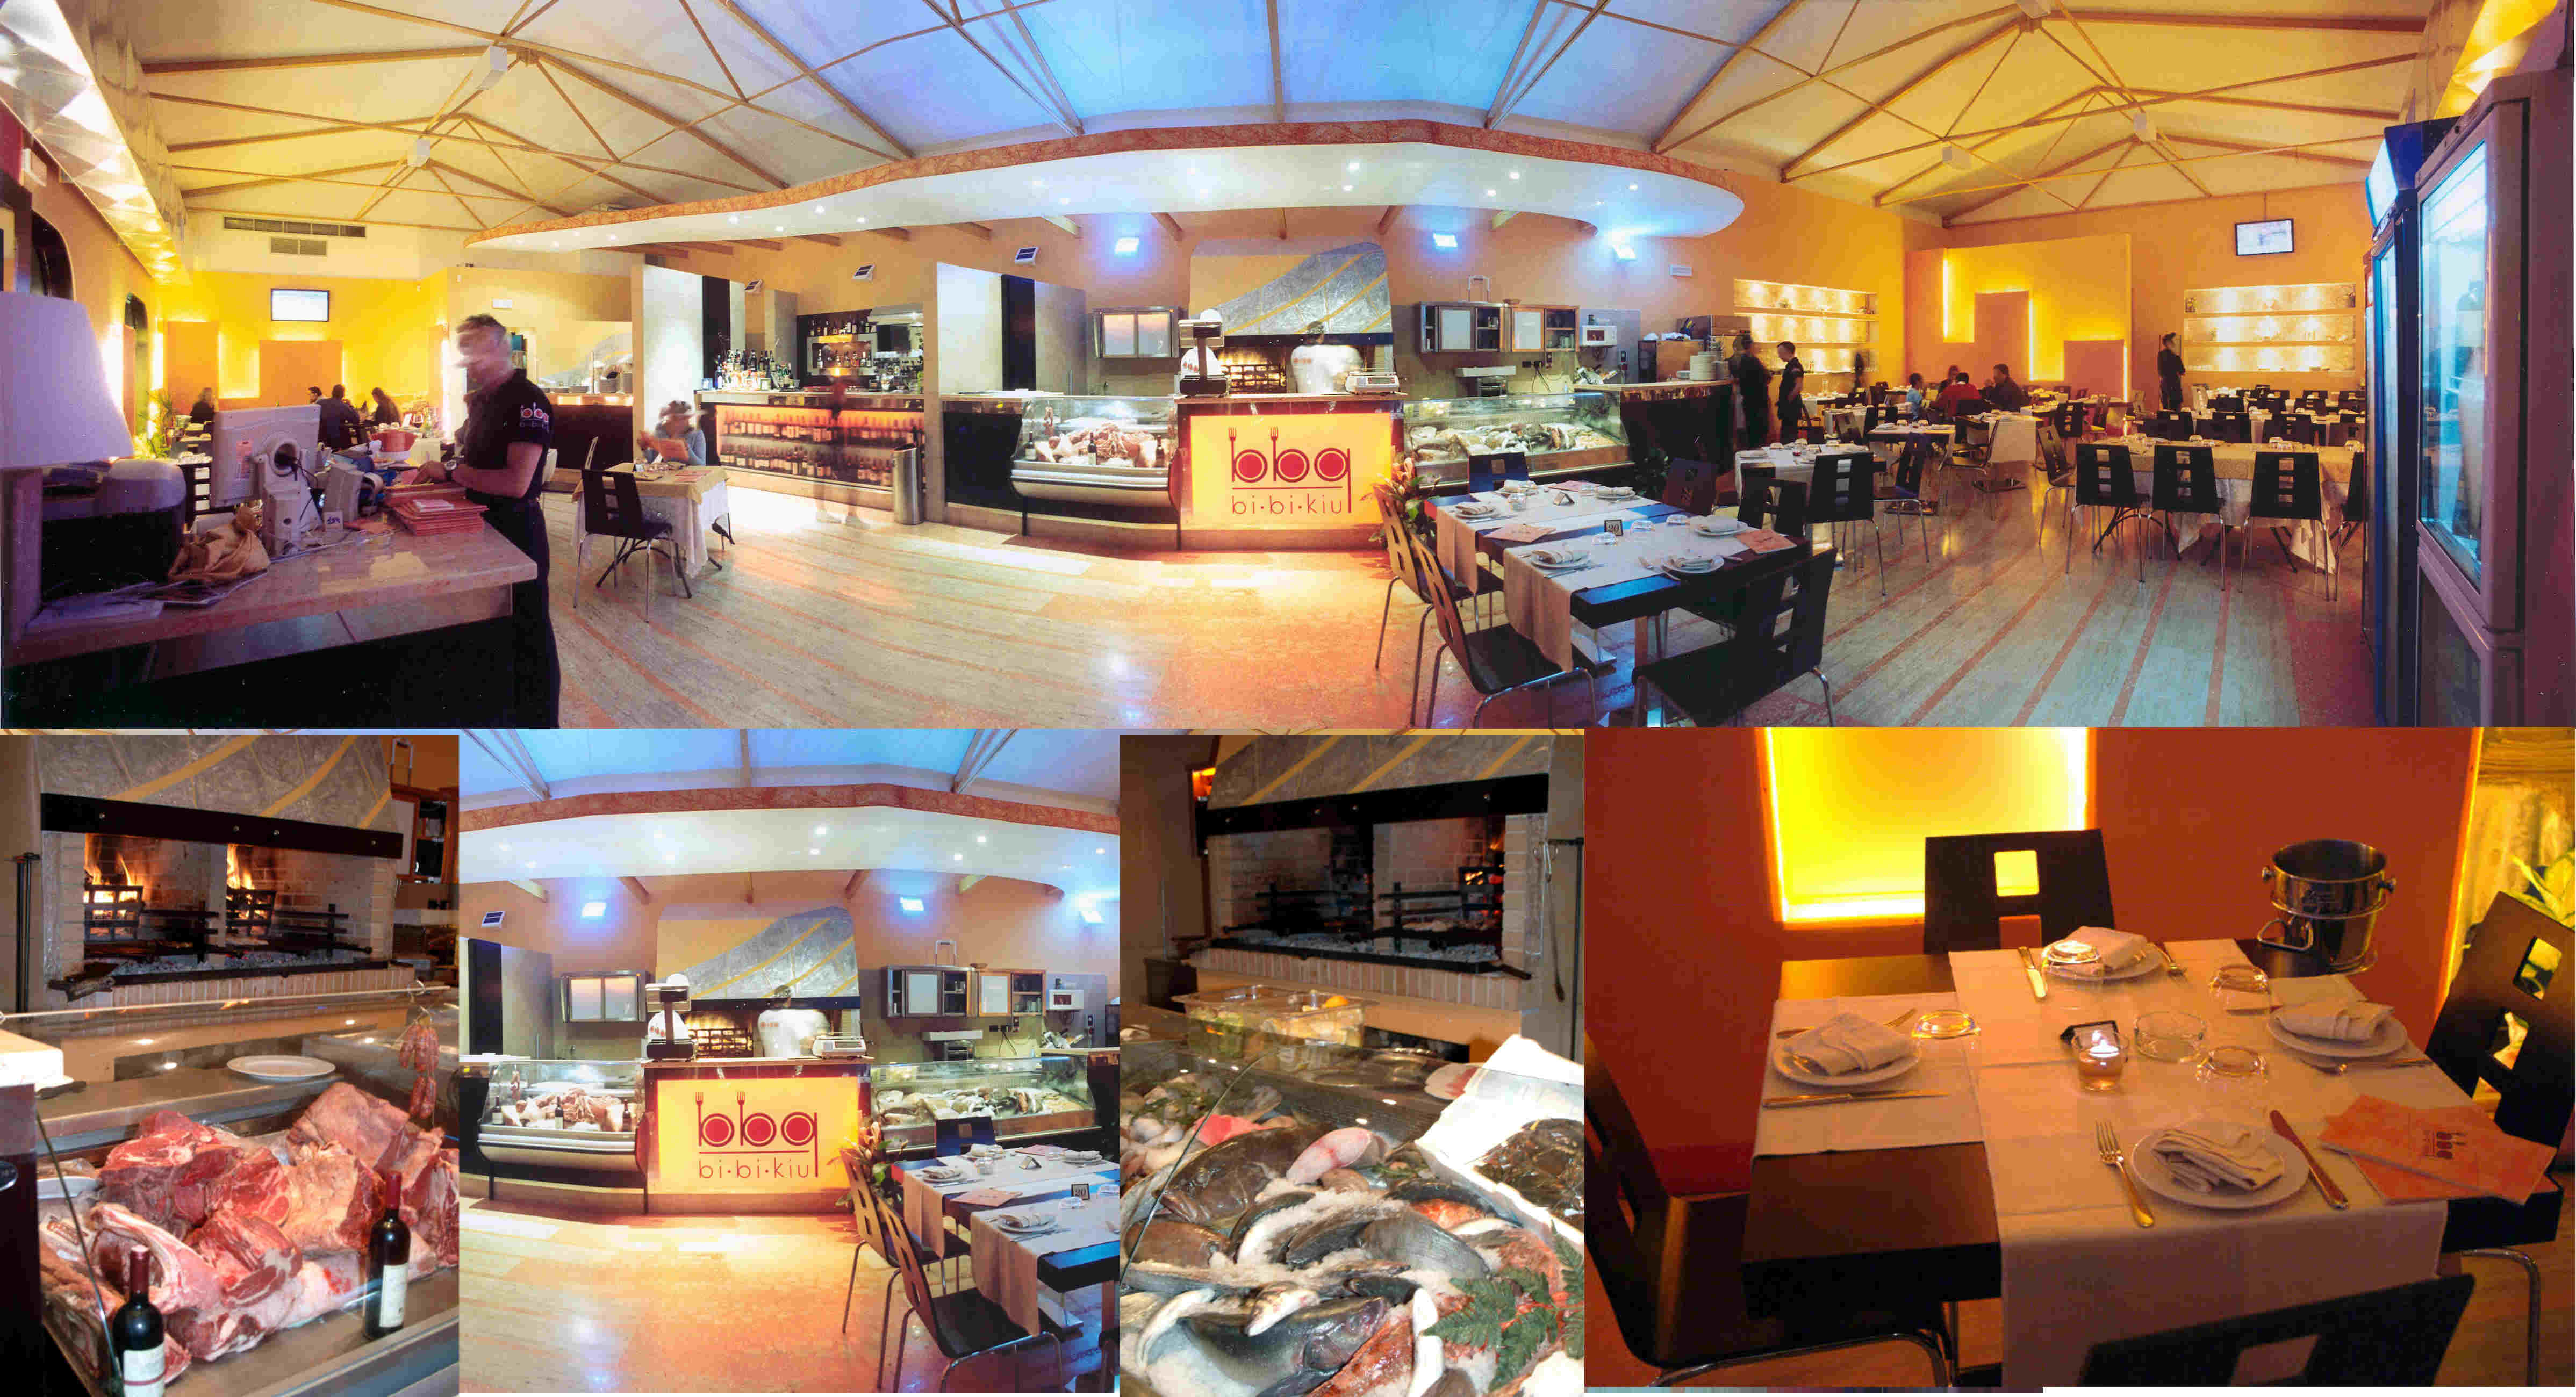 Arredamento ristoranti roma for Arredamento ristorante italia